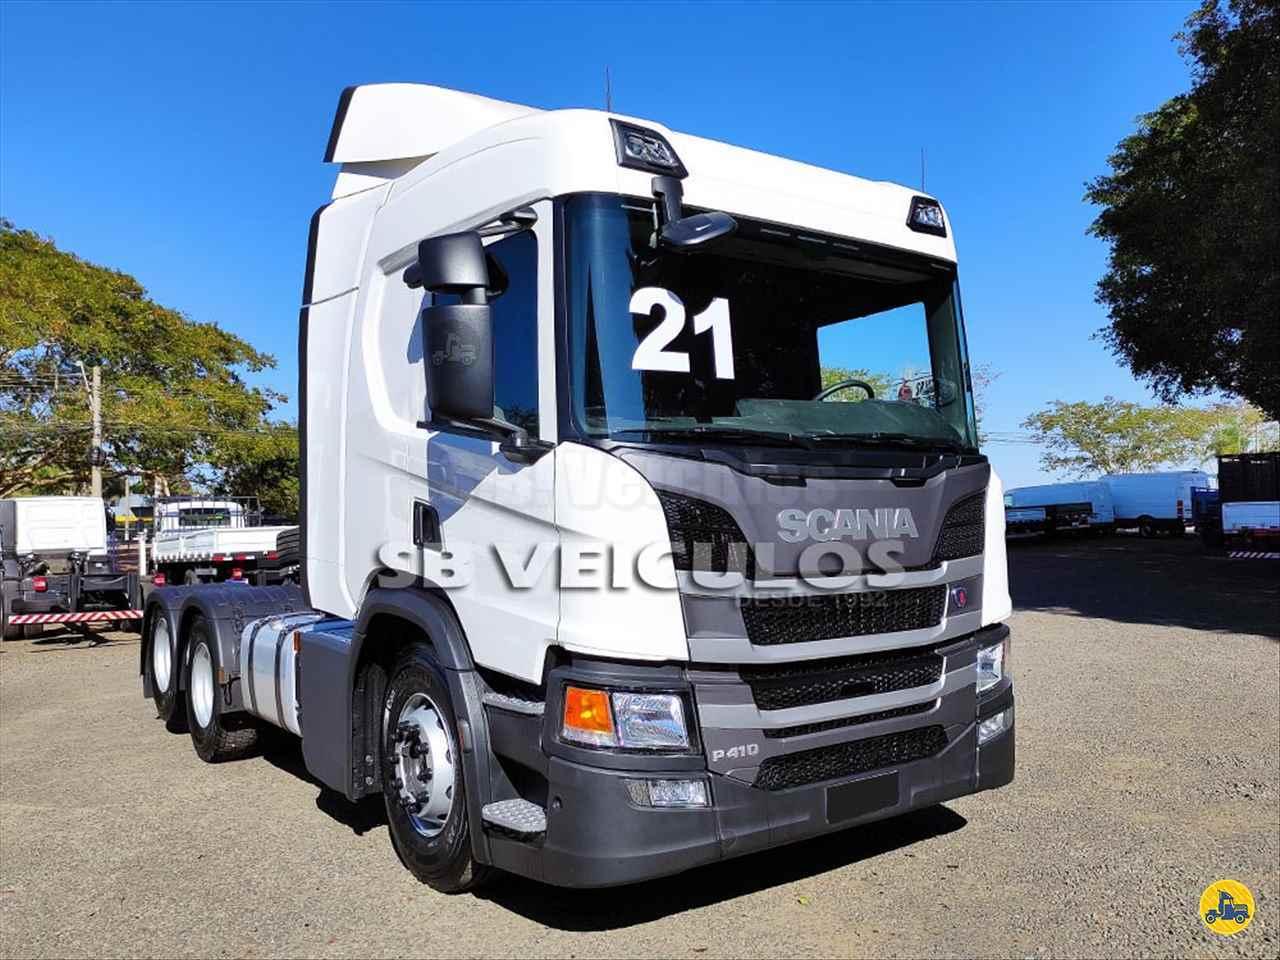 CAMINHAO SCANIA SCANIA P410 Cavalo Mecânico Truck 6x2 SB Veiculos CATANDUVA SÃO PAULO SP